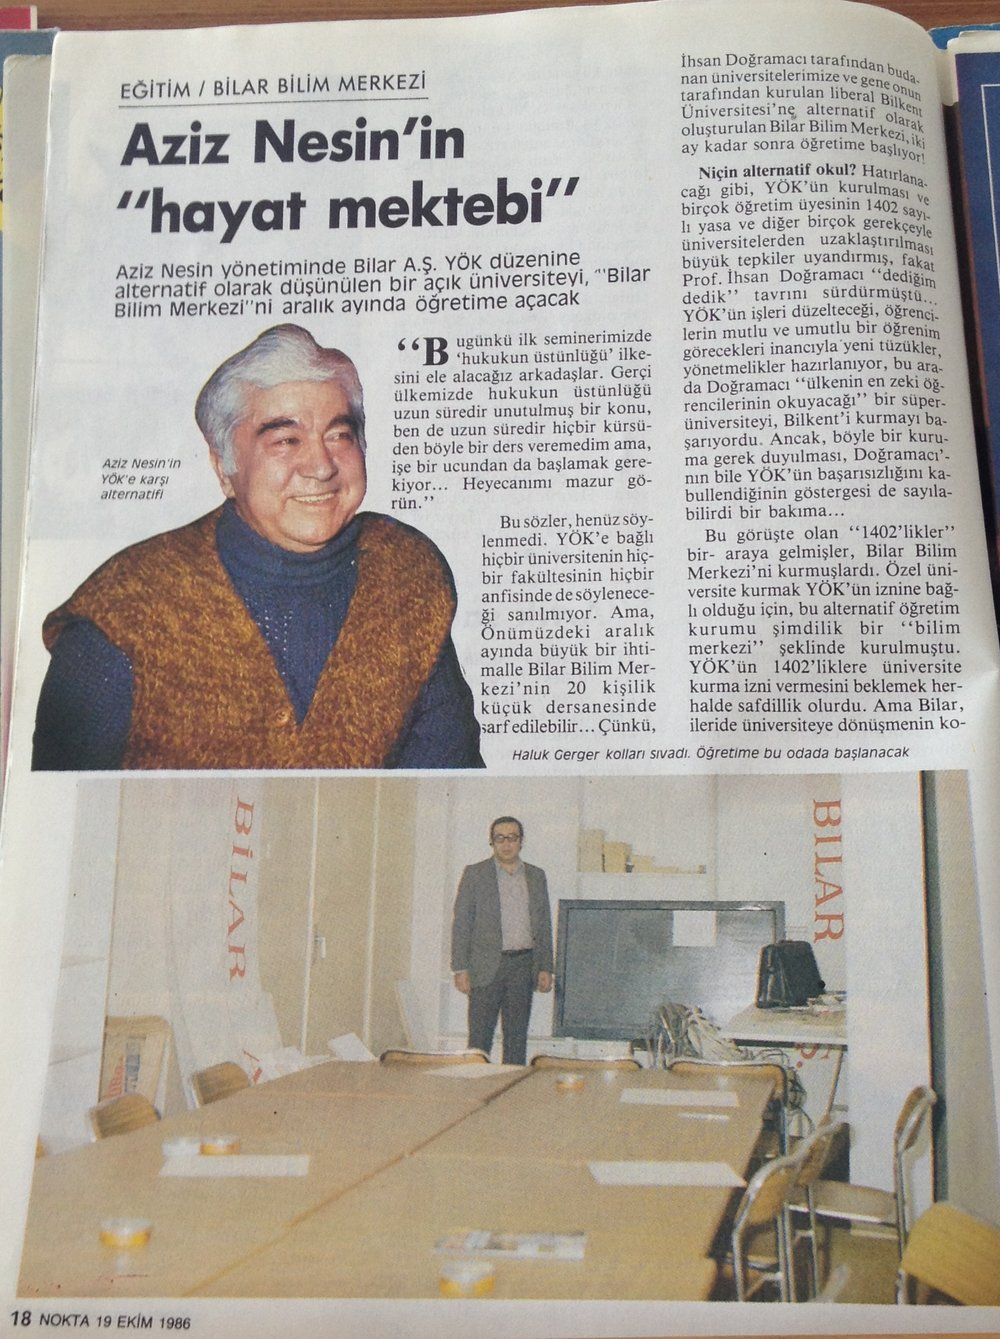 1986_nokta-dergisi_bilar-haber-1.jpg